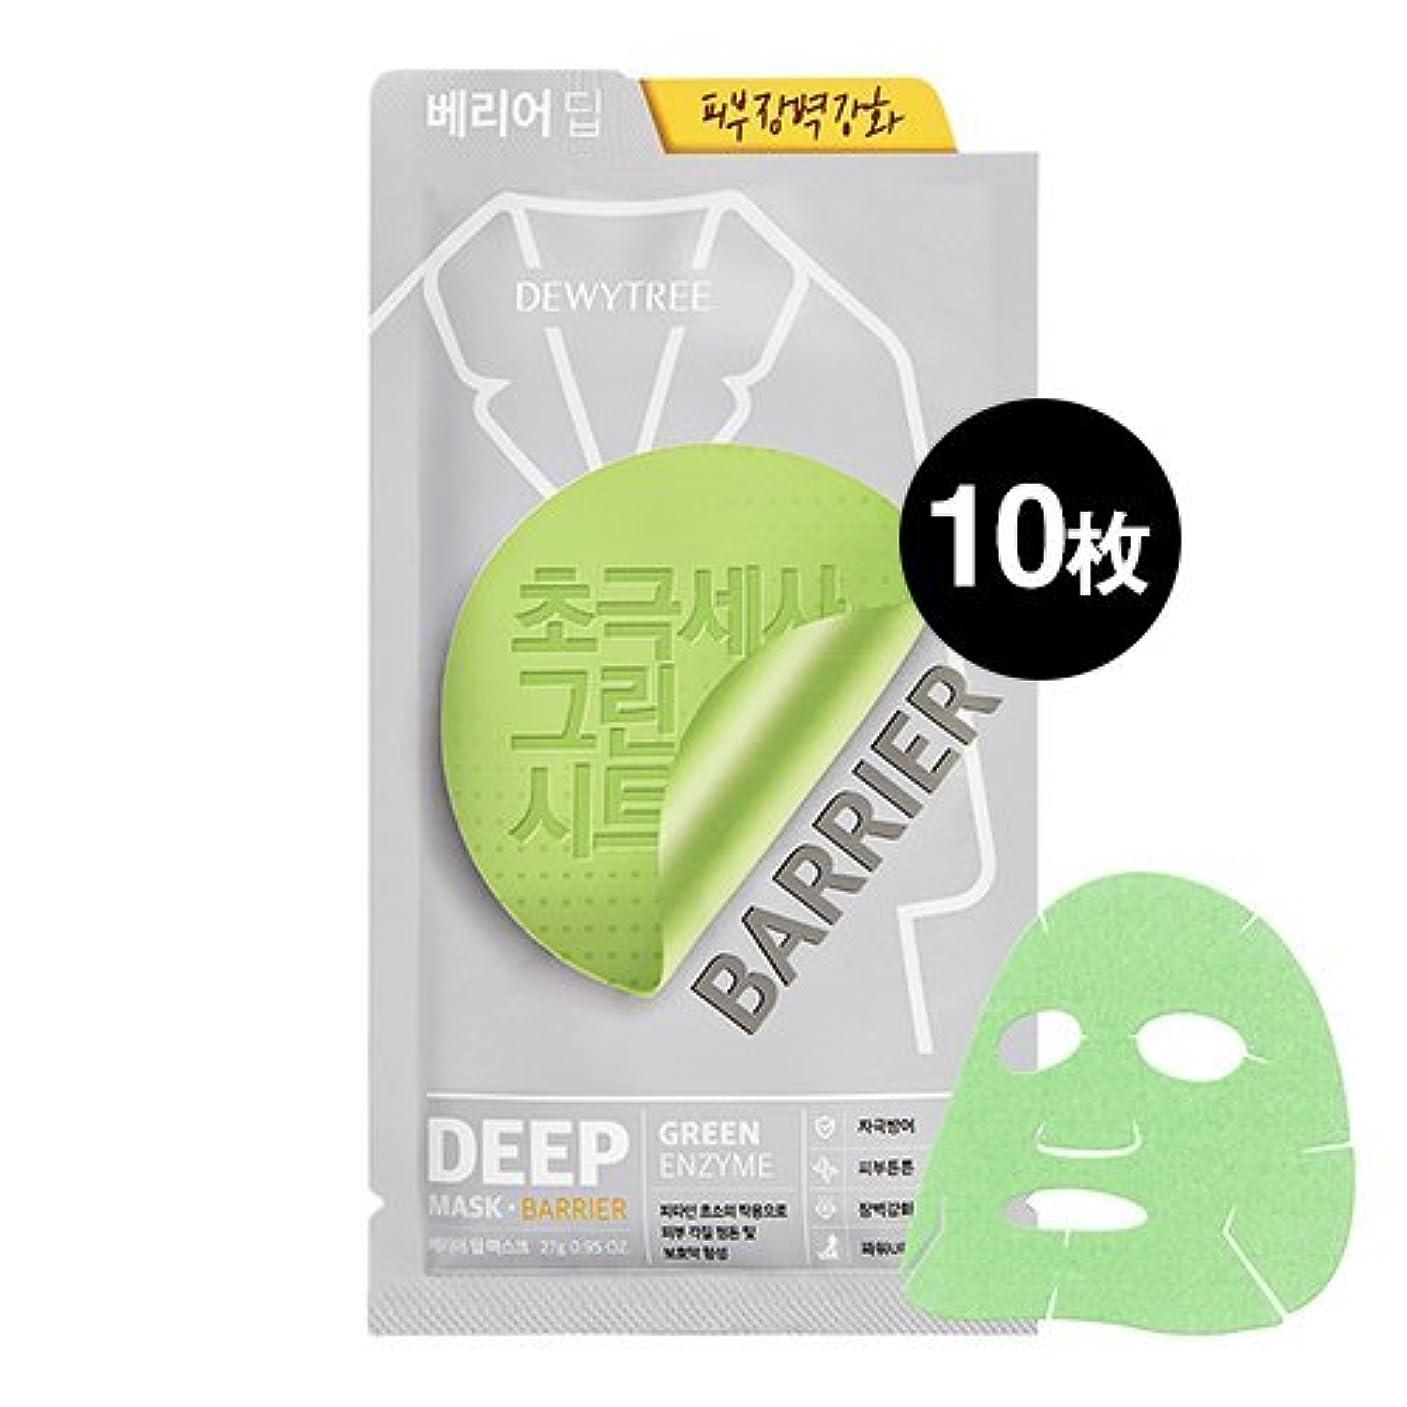 経由で定説クレデンシャル(デューイトゥリー) DEWYTREE バリアディープマスク 10枚 Barrier Deep Mask 韓国マスクパック (並行輸入品)